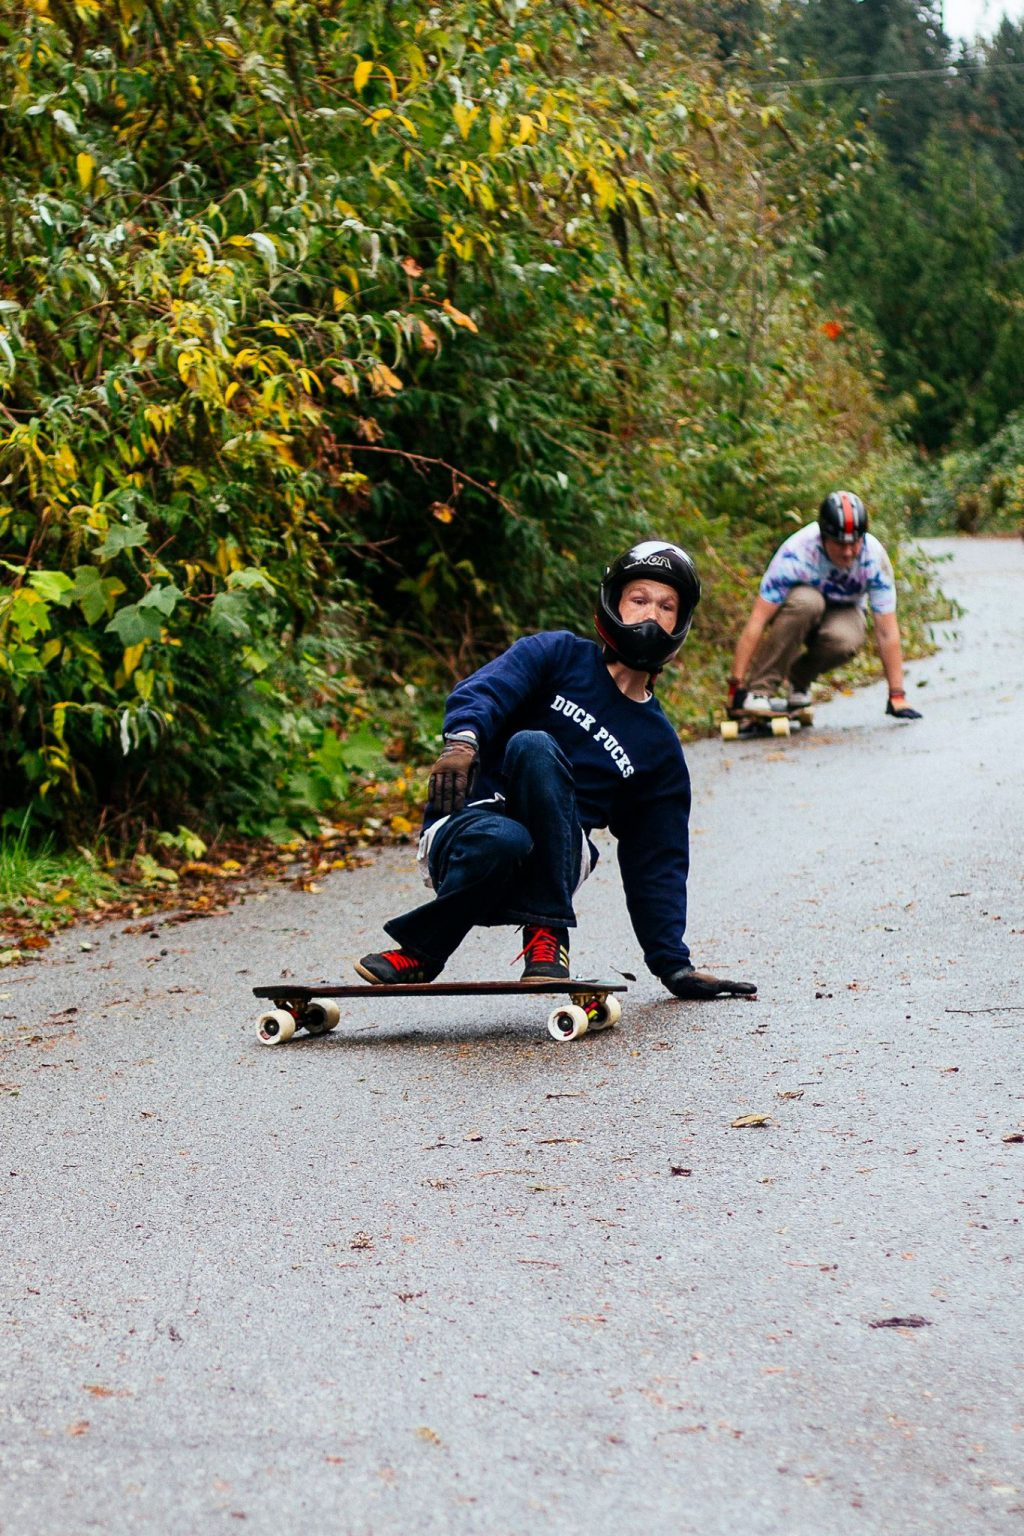 4-sam-galus-flatspot-longboards-valhalla-skateboards-higway-jam-highwayjamx-sho-ouellette-sho-stopper-longboarding